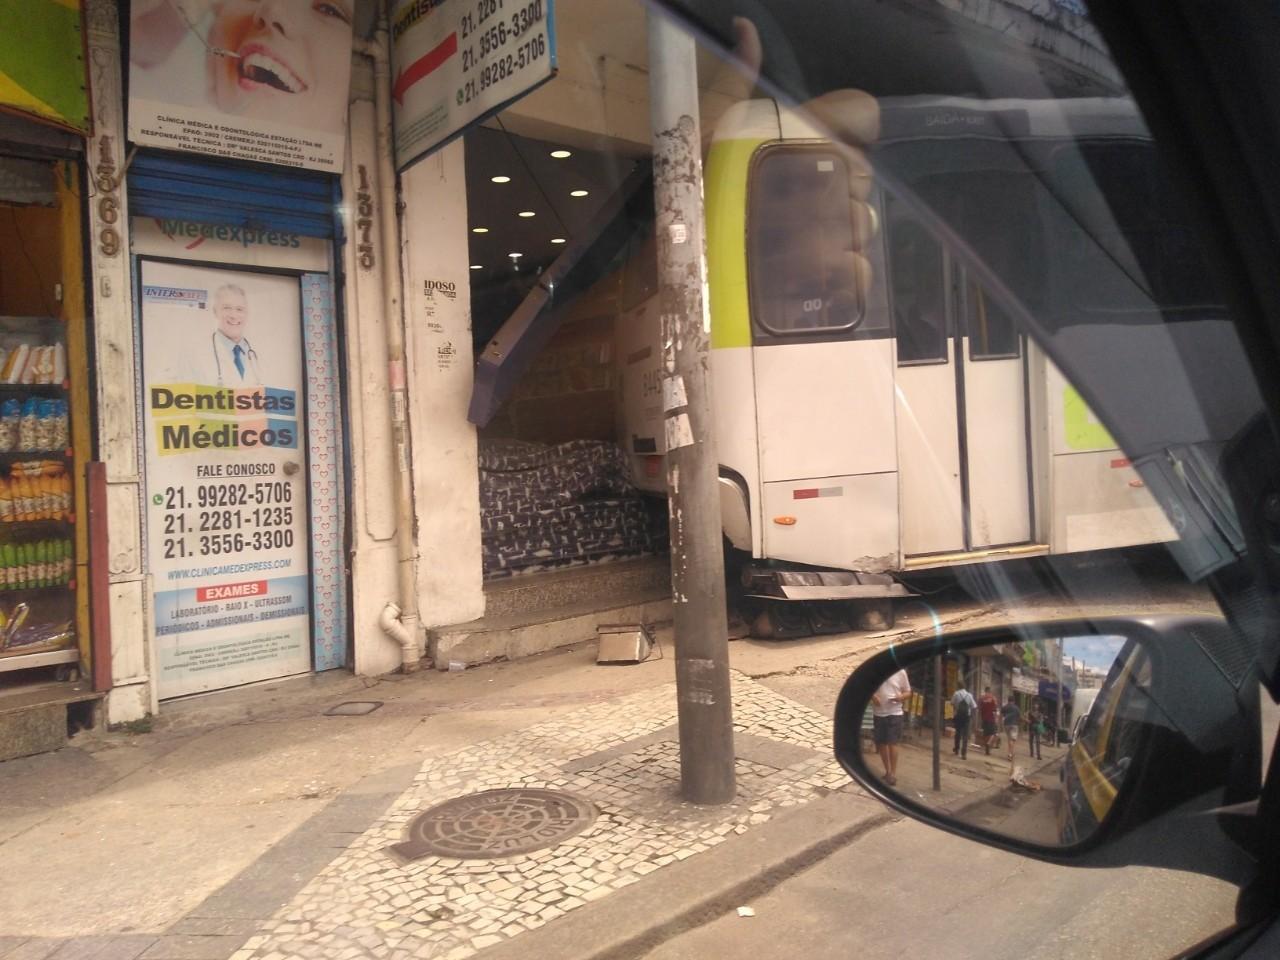 Ônibus sobe calçada e invade loja em frente à estação de trem do Méier, na Zona Norte do Rio